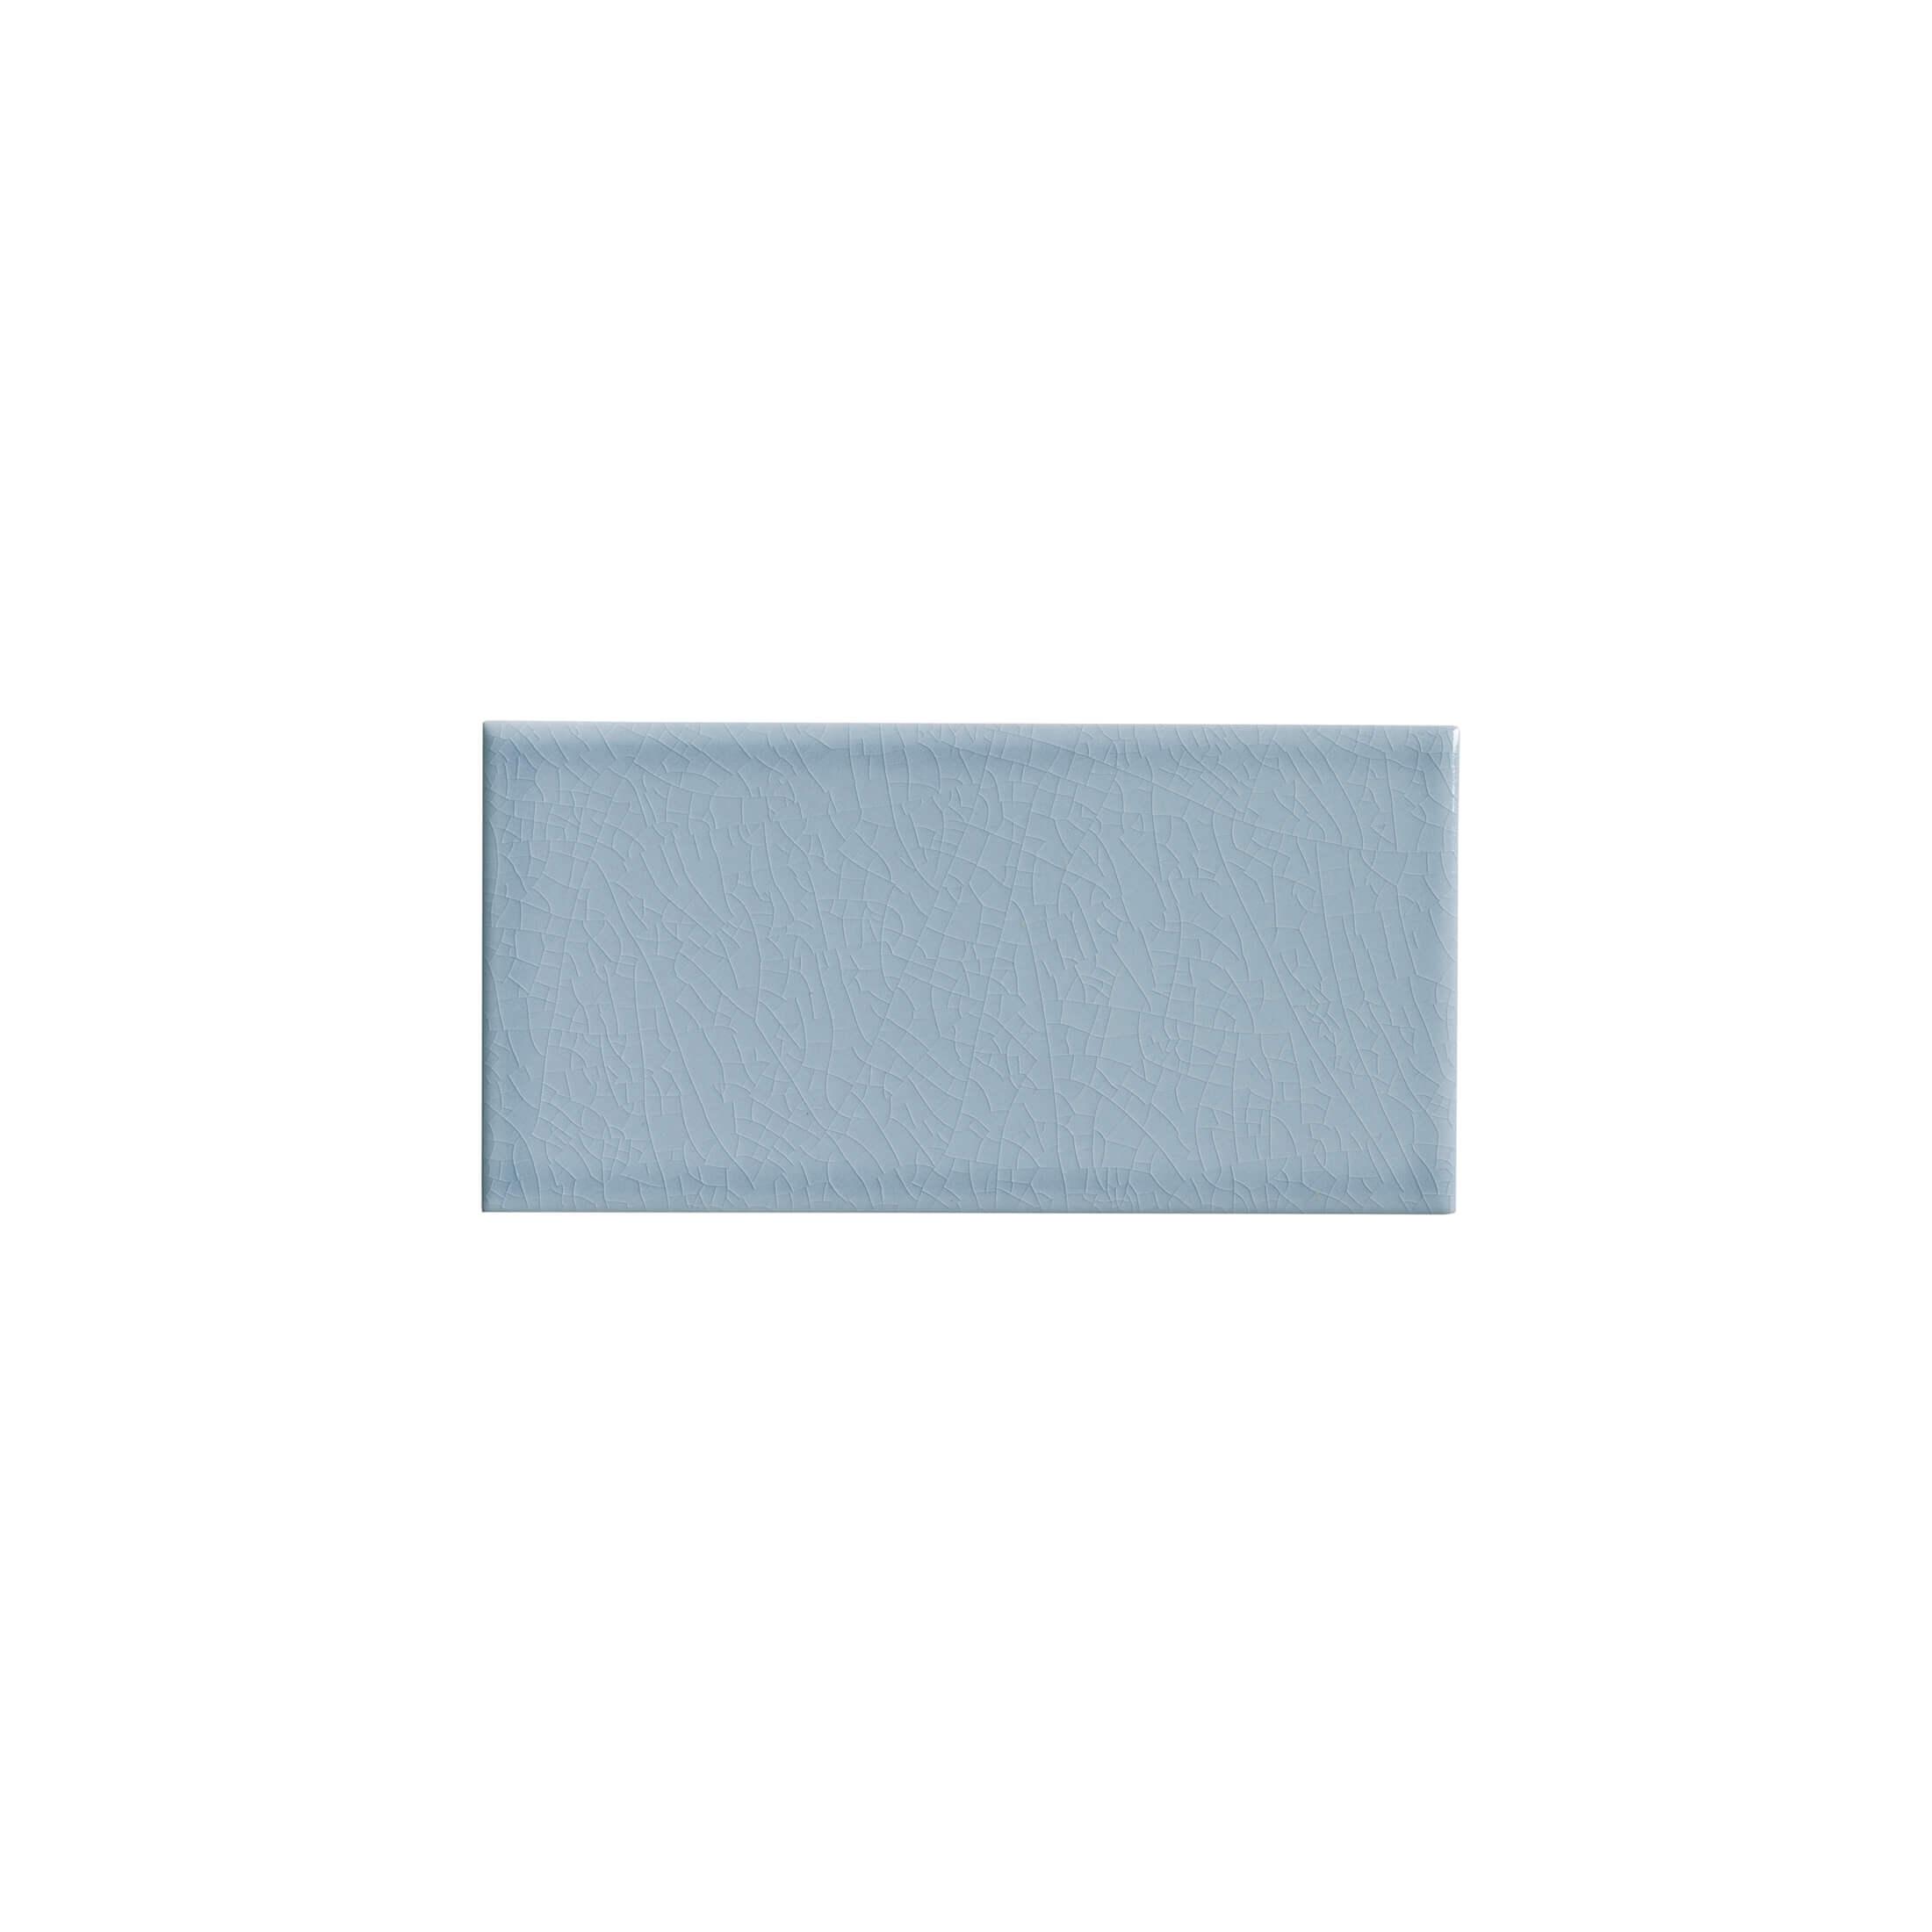 ADMO1078 - LISO PB C/C - 7.5 cm X 15 cm